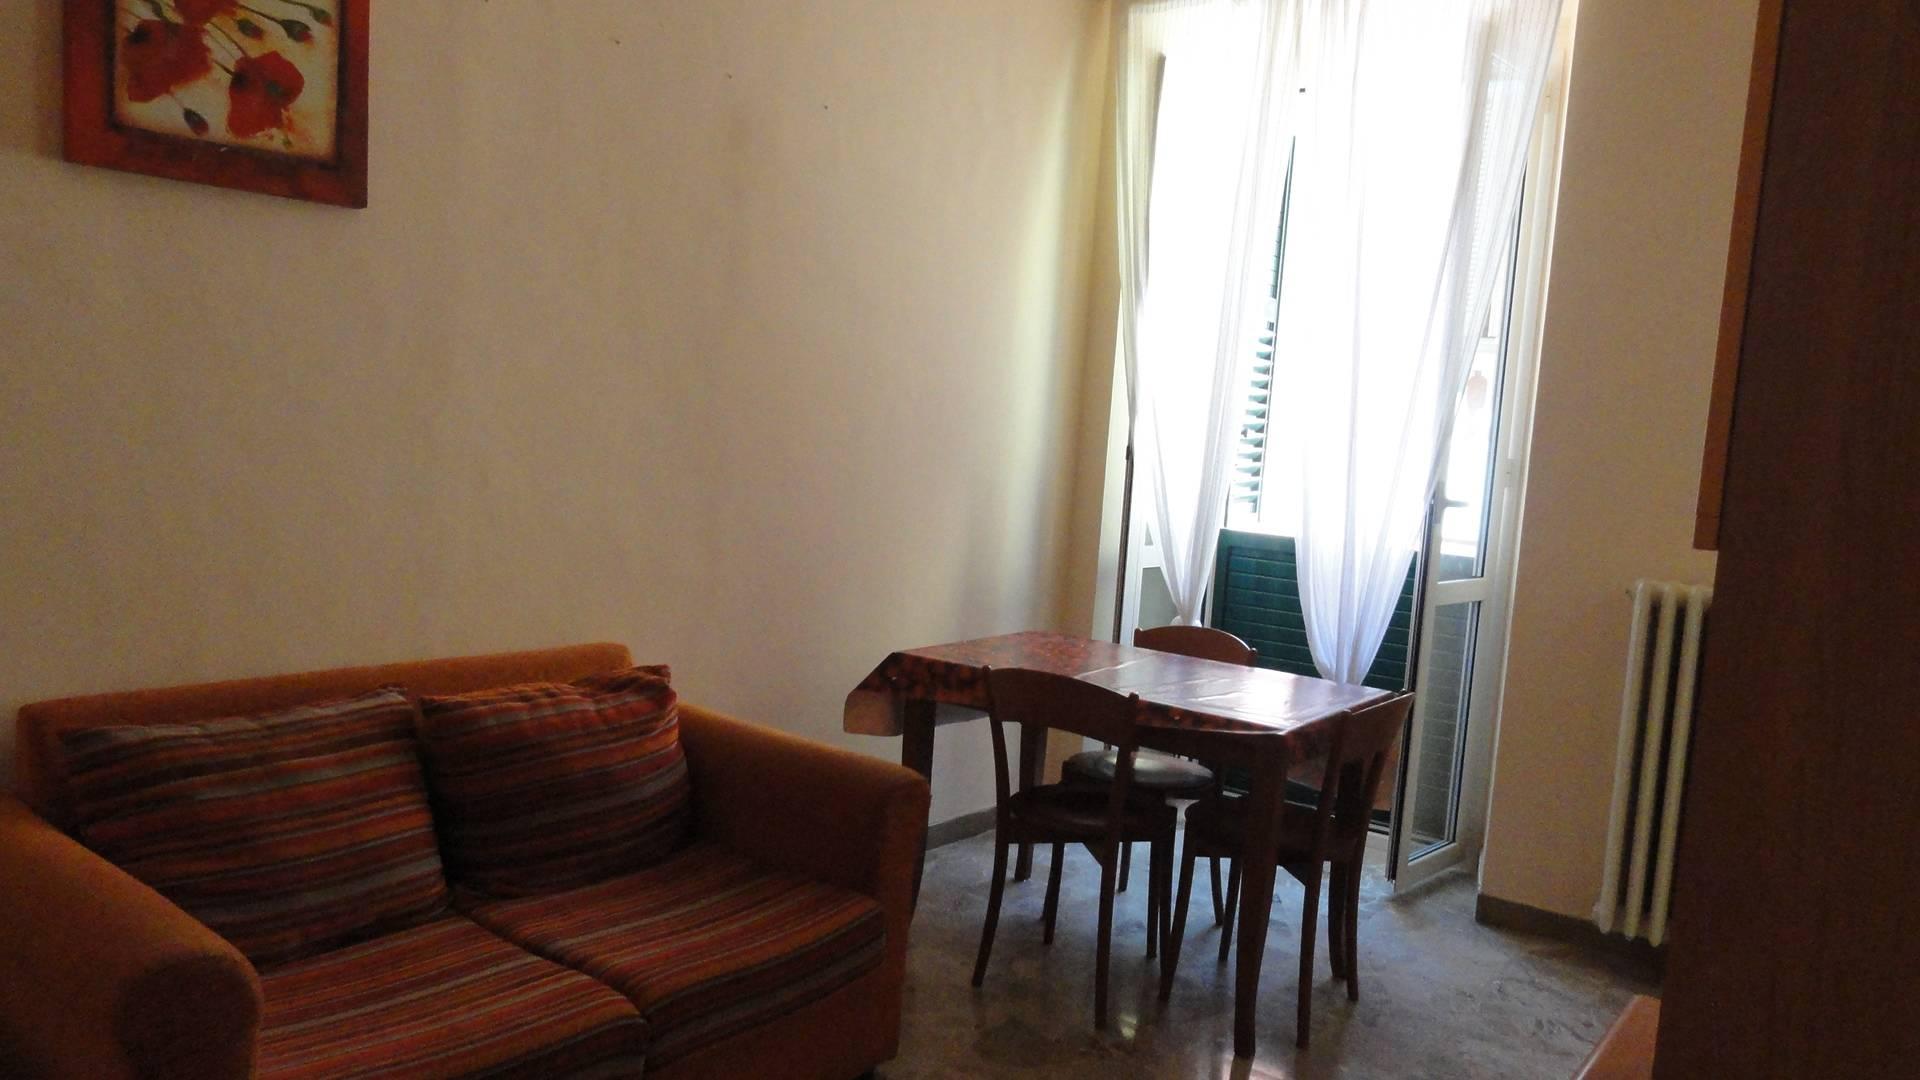 Appartamento in affitto a Teramo, 4 locali, zona Località: CentroStorico, prezzo € 430 | CambioCasa.it